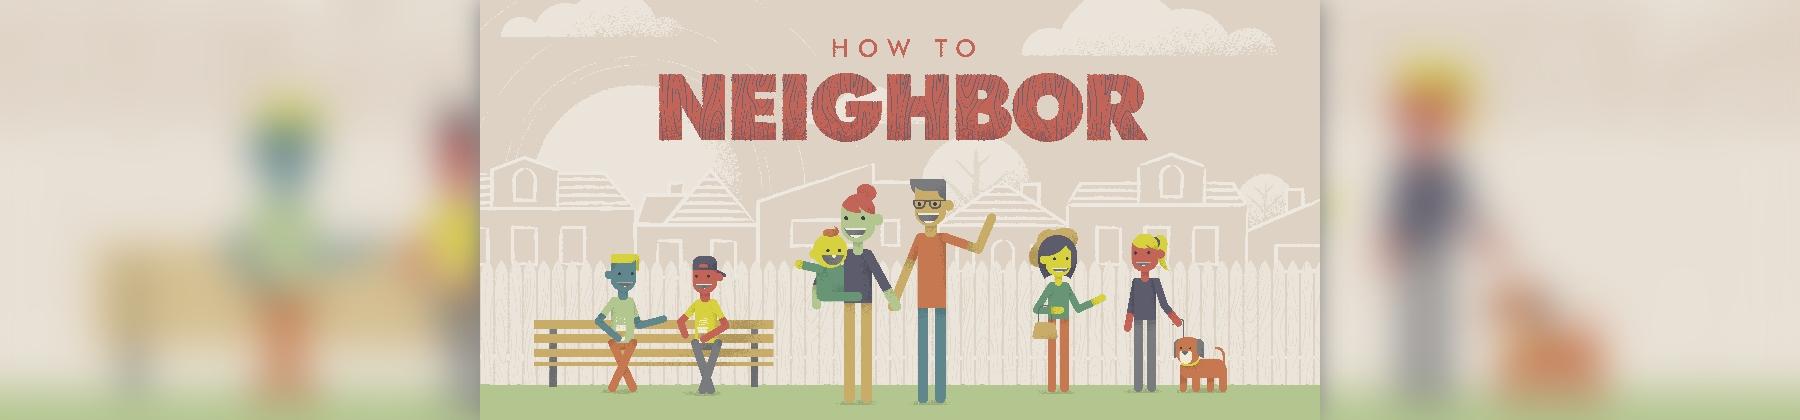 how-to-neighbor-web-banner-v2